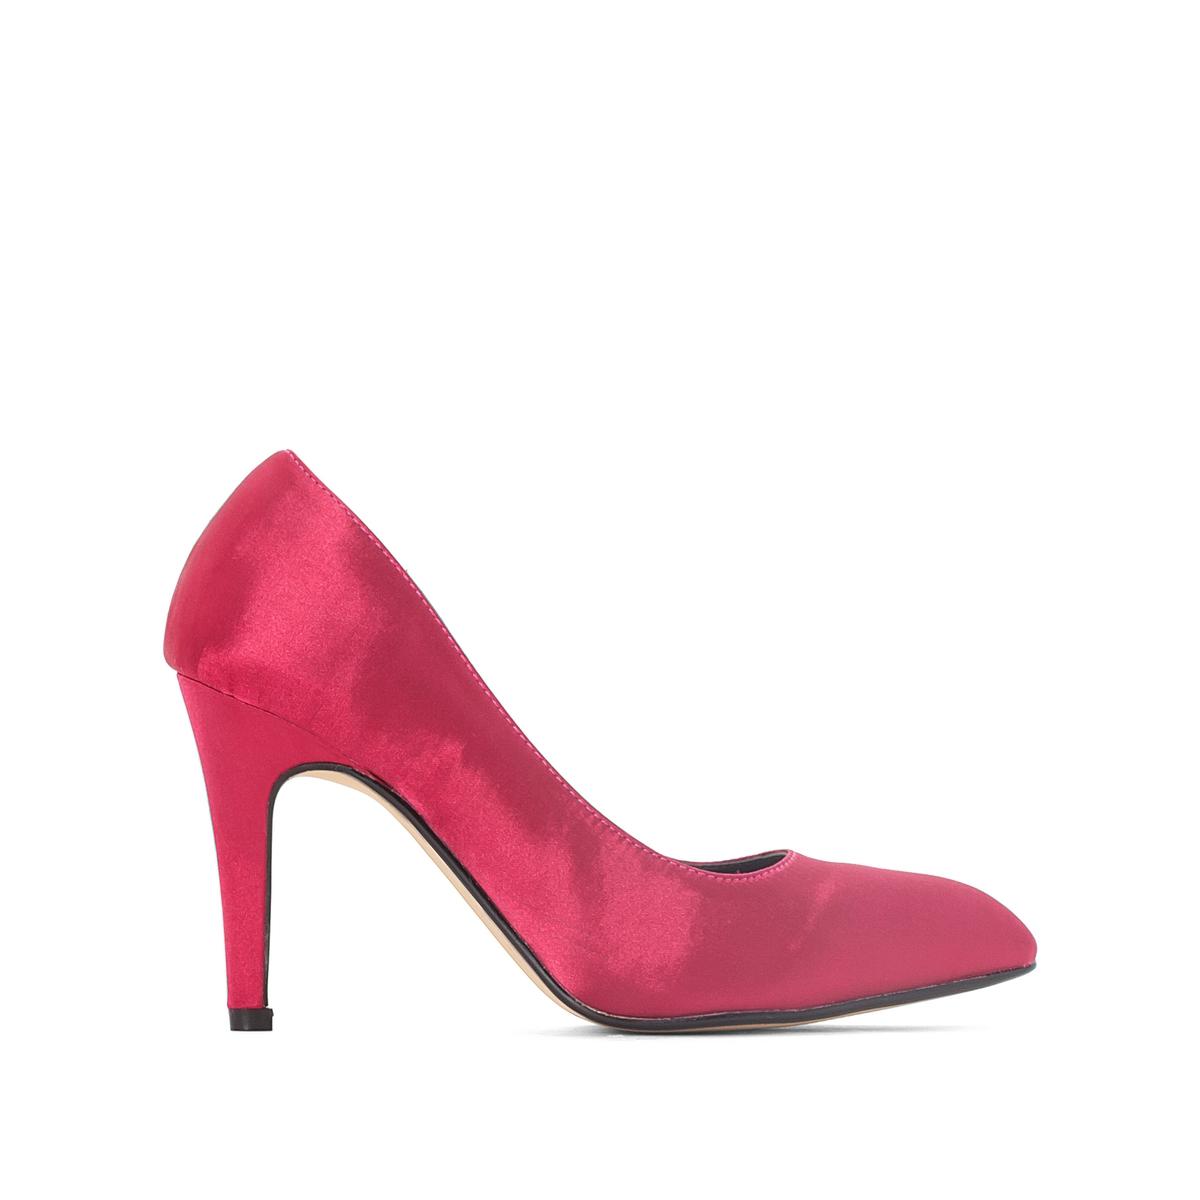 Туфли сатиновыеДетали •  Каблук-шпилька •  Высота каблука : 7 см •  Застежка : без застежки •  Круглый мысок •  Гладкая отделкаСостав и уход • Верх 100% хлопок •  Подкладка 100% синтетический материал<br><br>Цвет: синий,фуксия<br>Размер: 40.40